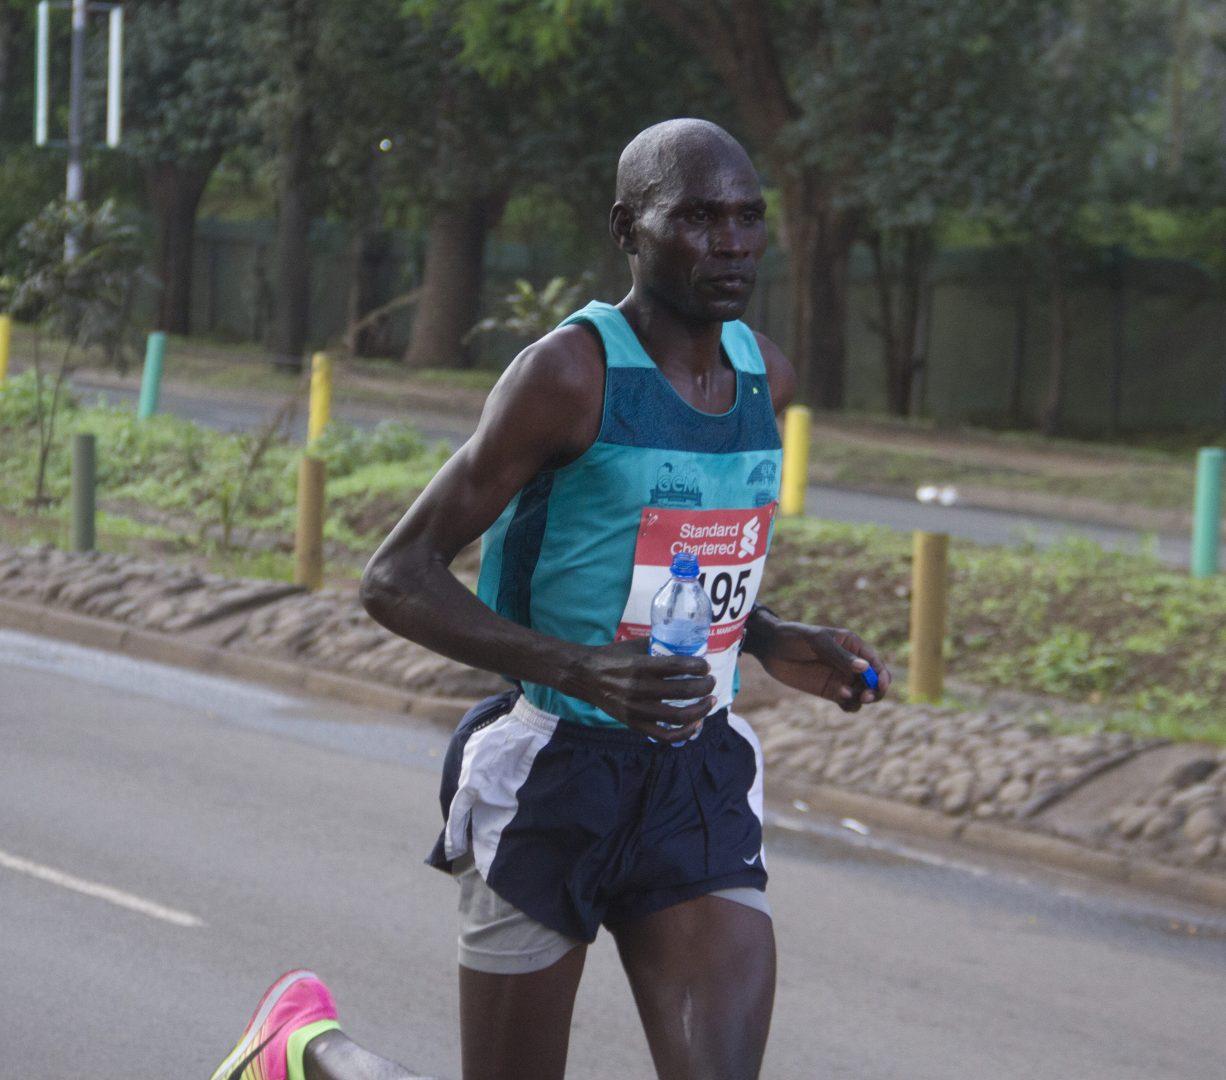 https://www.nairobimarathon.com/wp-content/uploads/2021/07/MG_4624.jpg